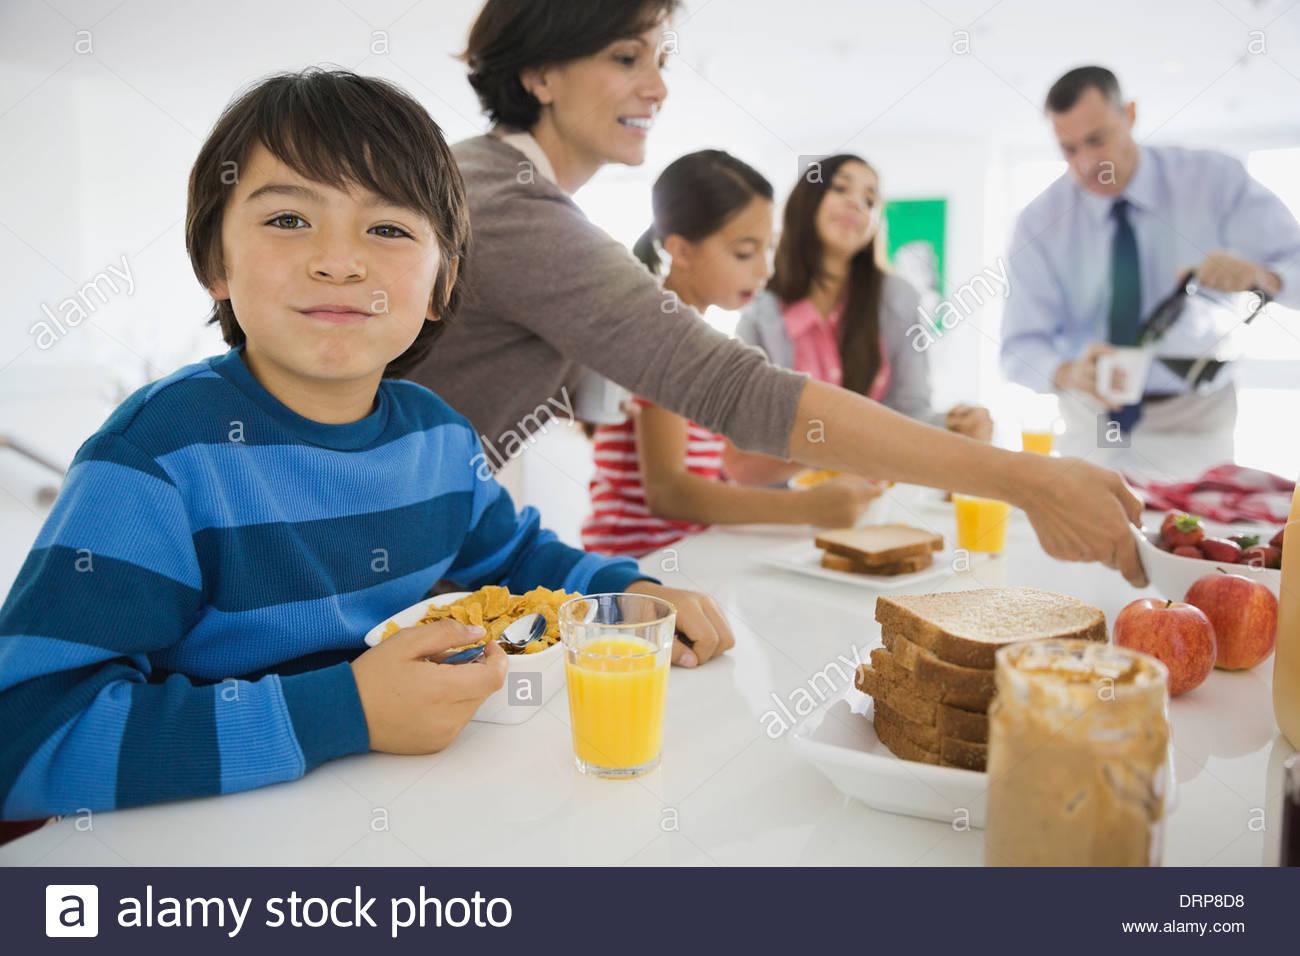 Porträt eines jungen frühstücken mit der Familie Stockbild